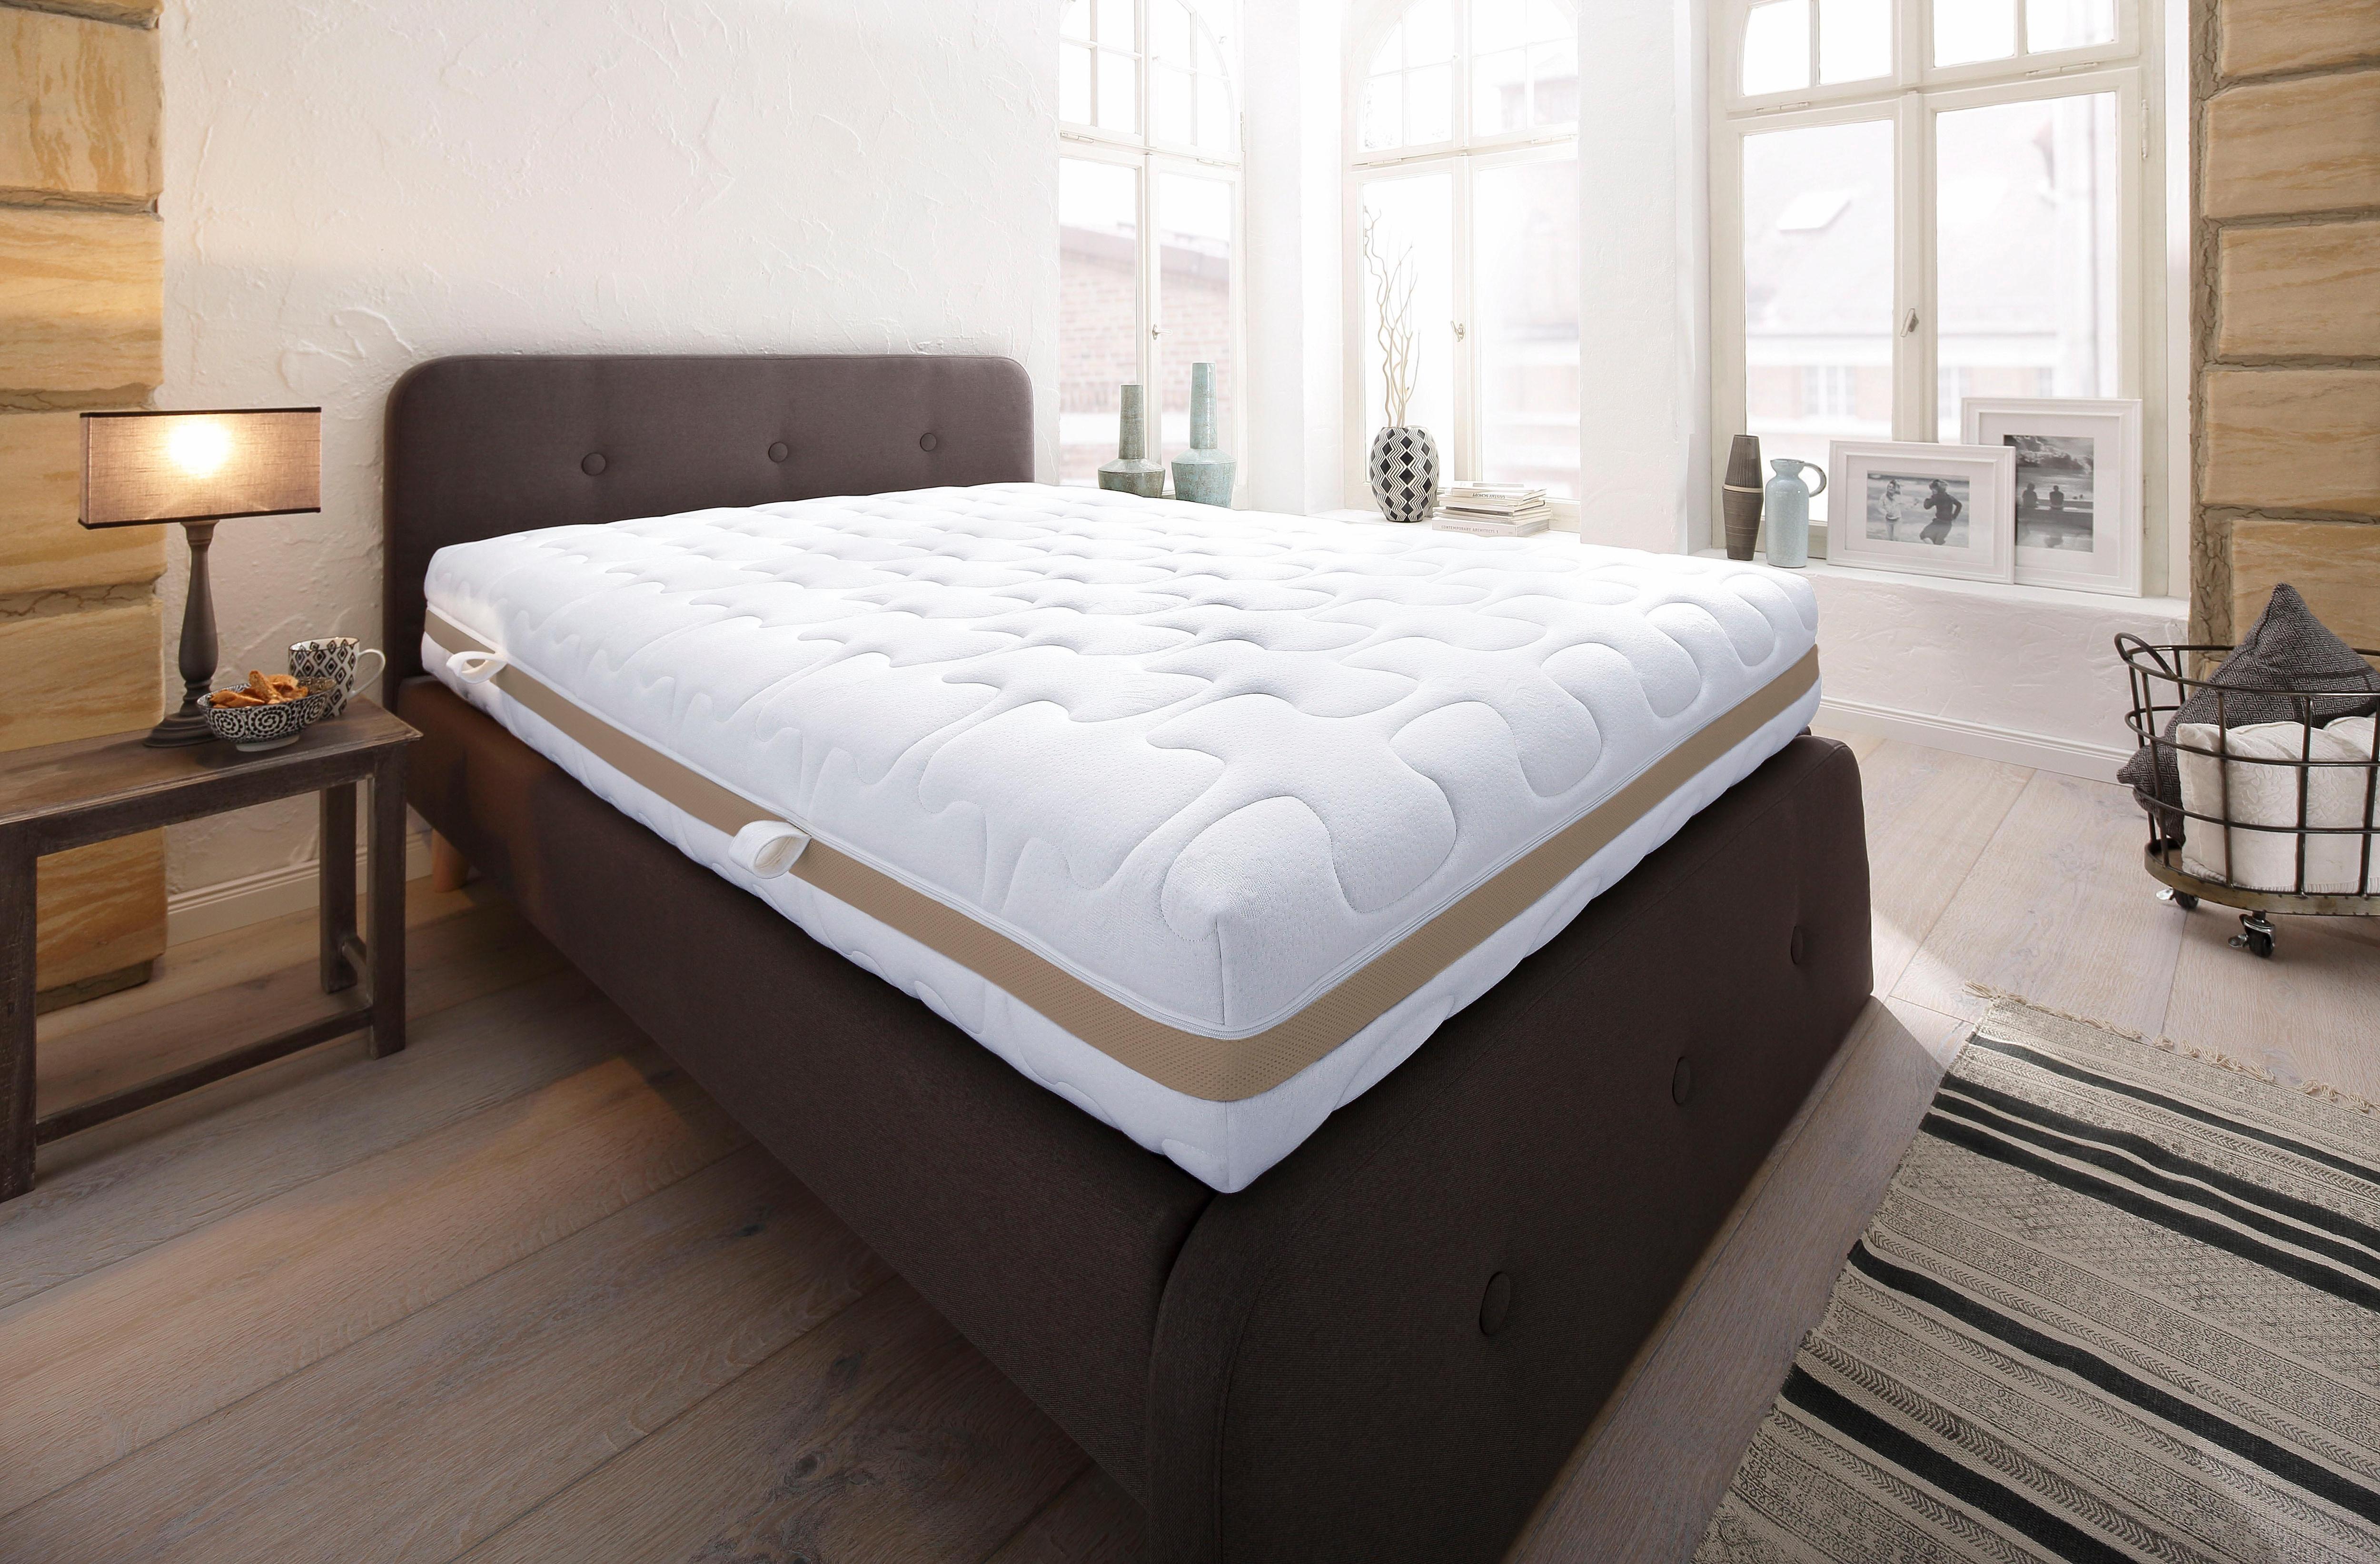 thermometer 0 40 preisvergleich die besten angebote online kaufen. Black Bedroom Furniture Sets. Home Design Ideas